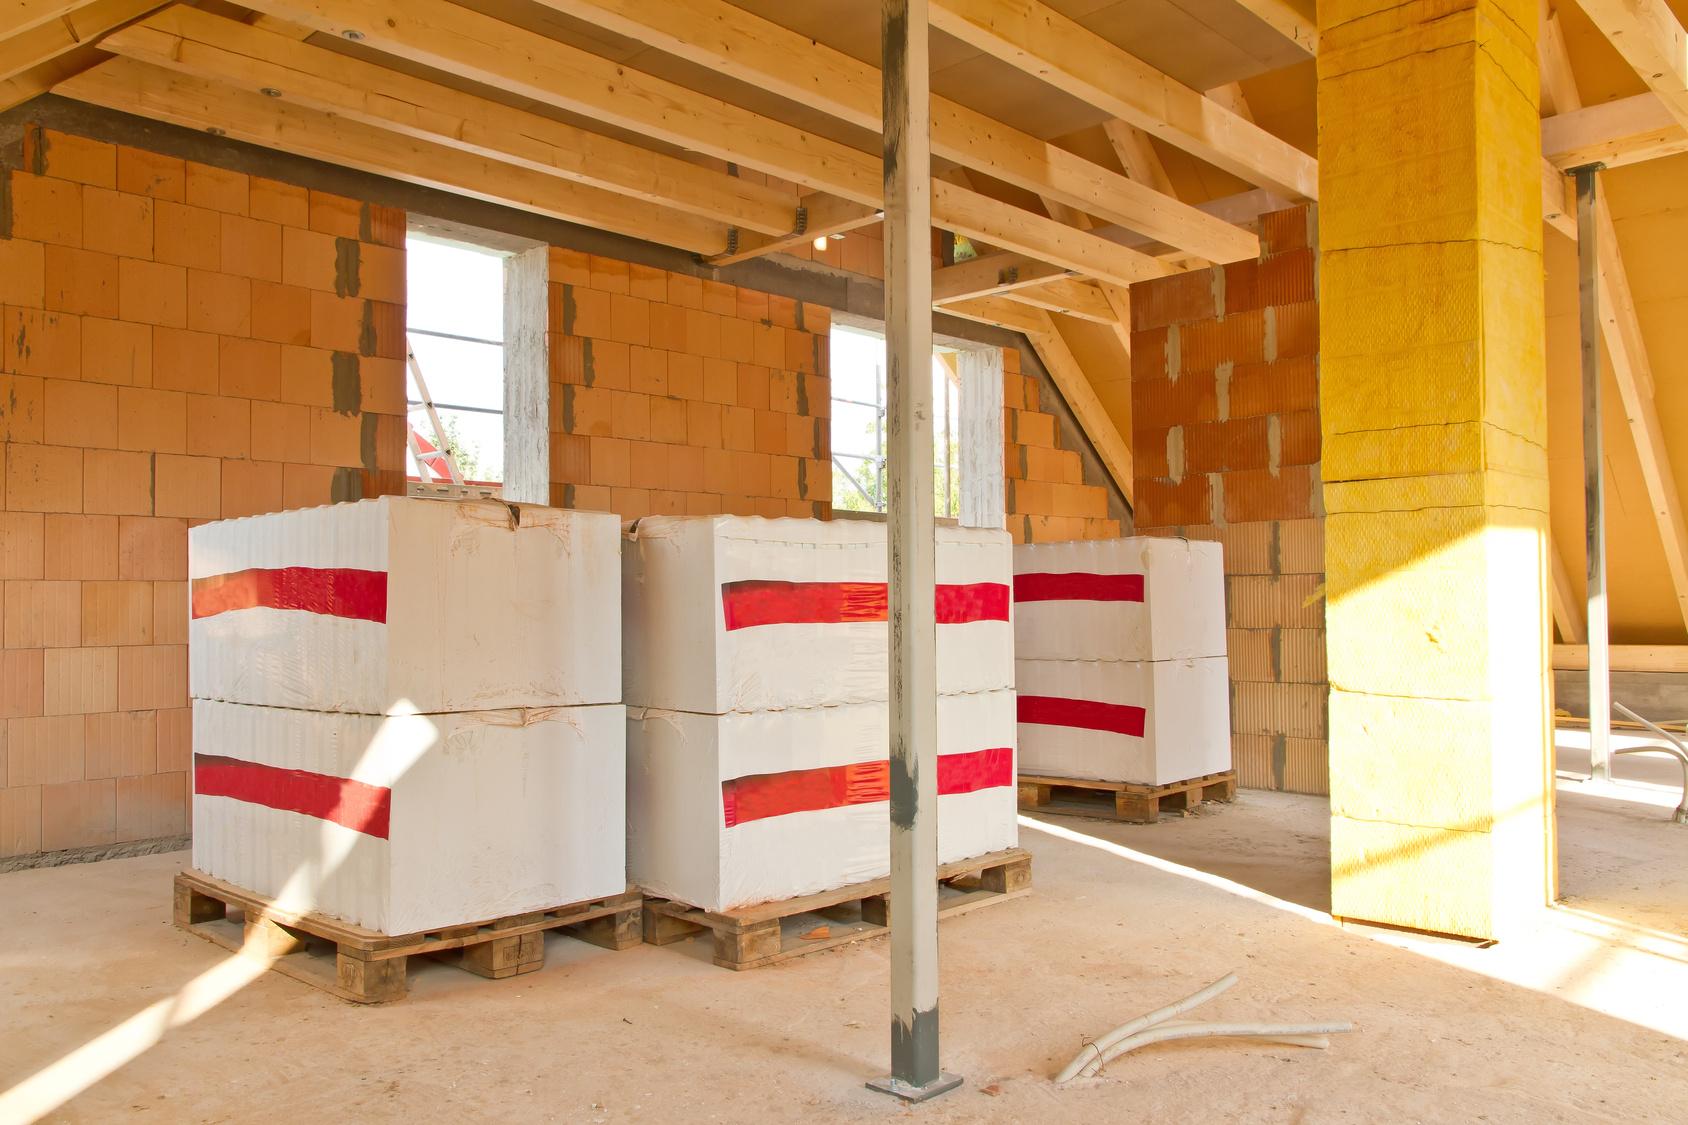 Haus im Rohbau von innen, Paletten mit neuem Baumaterialien